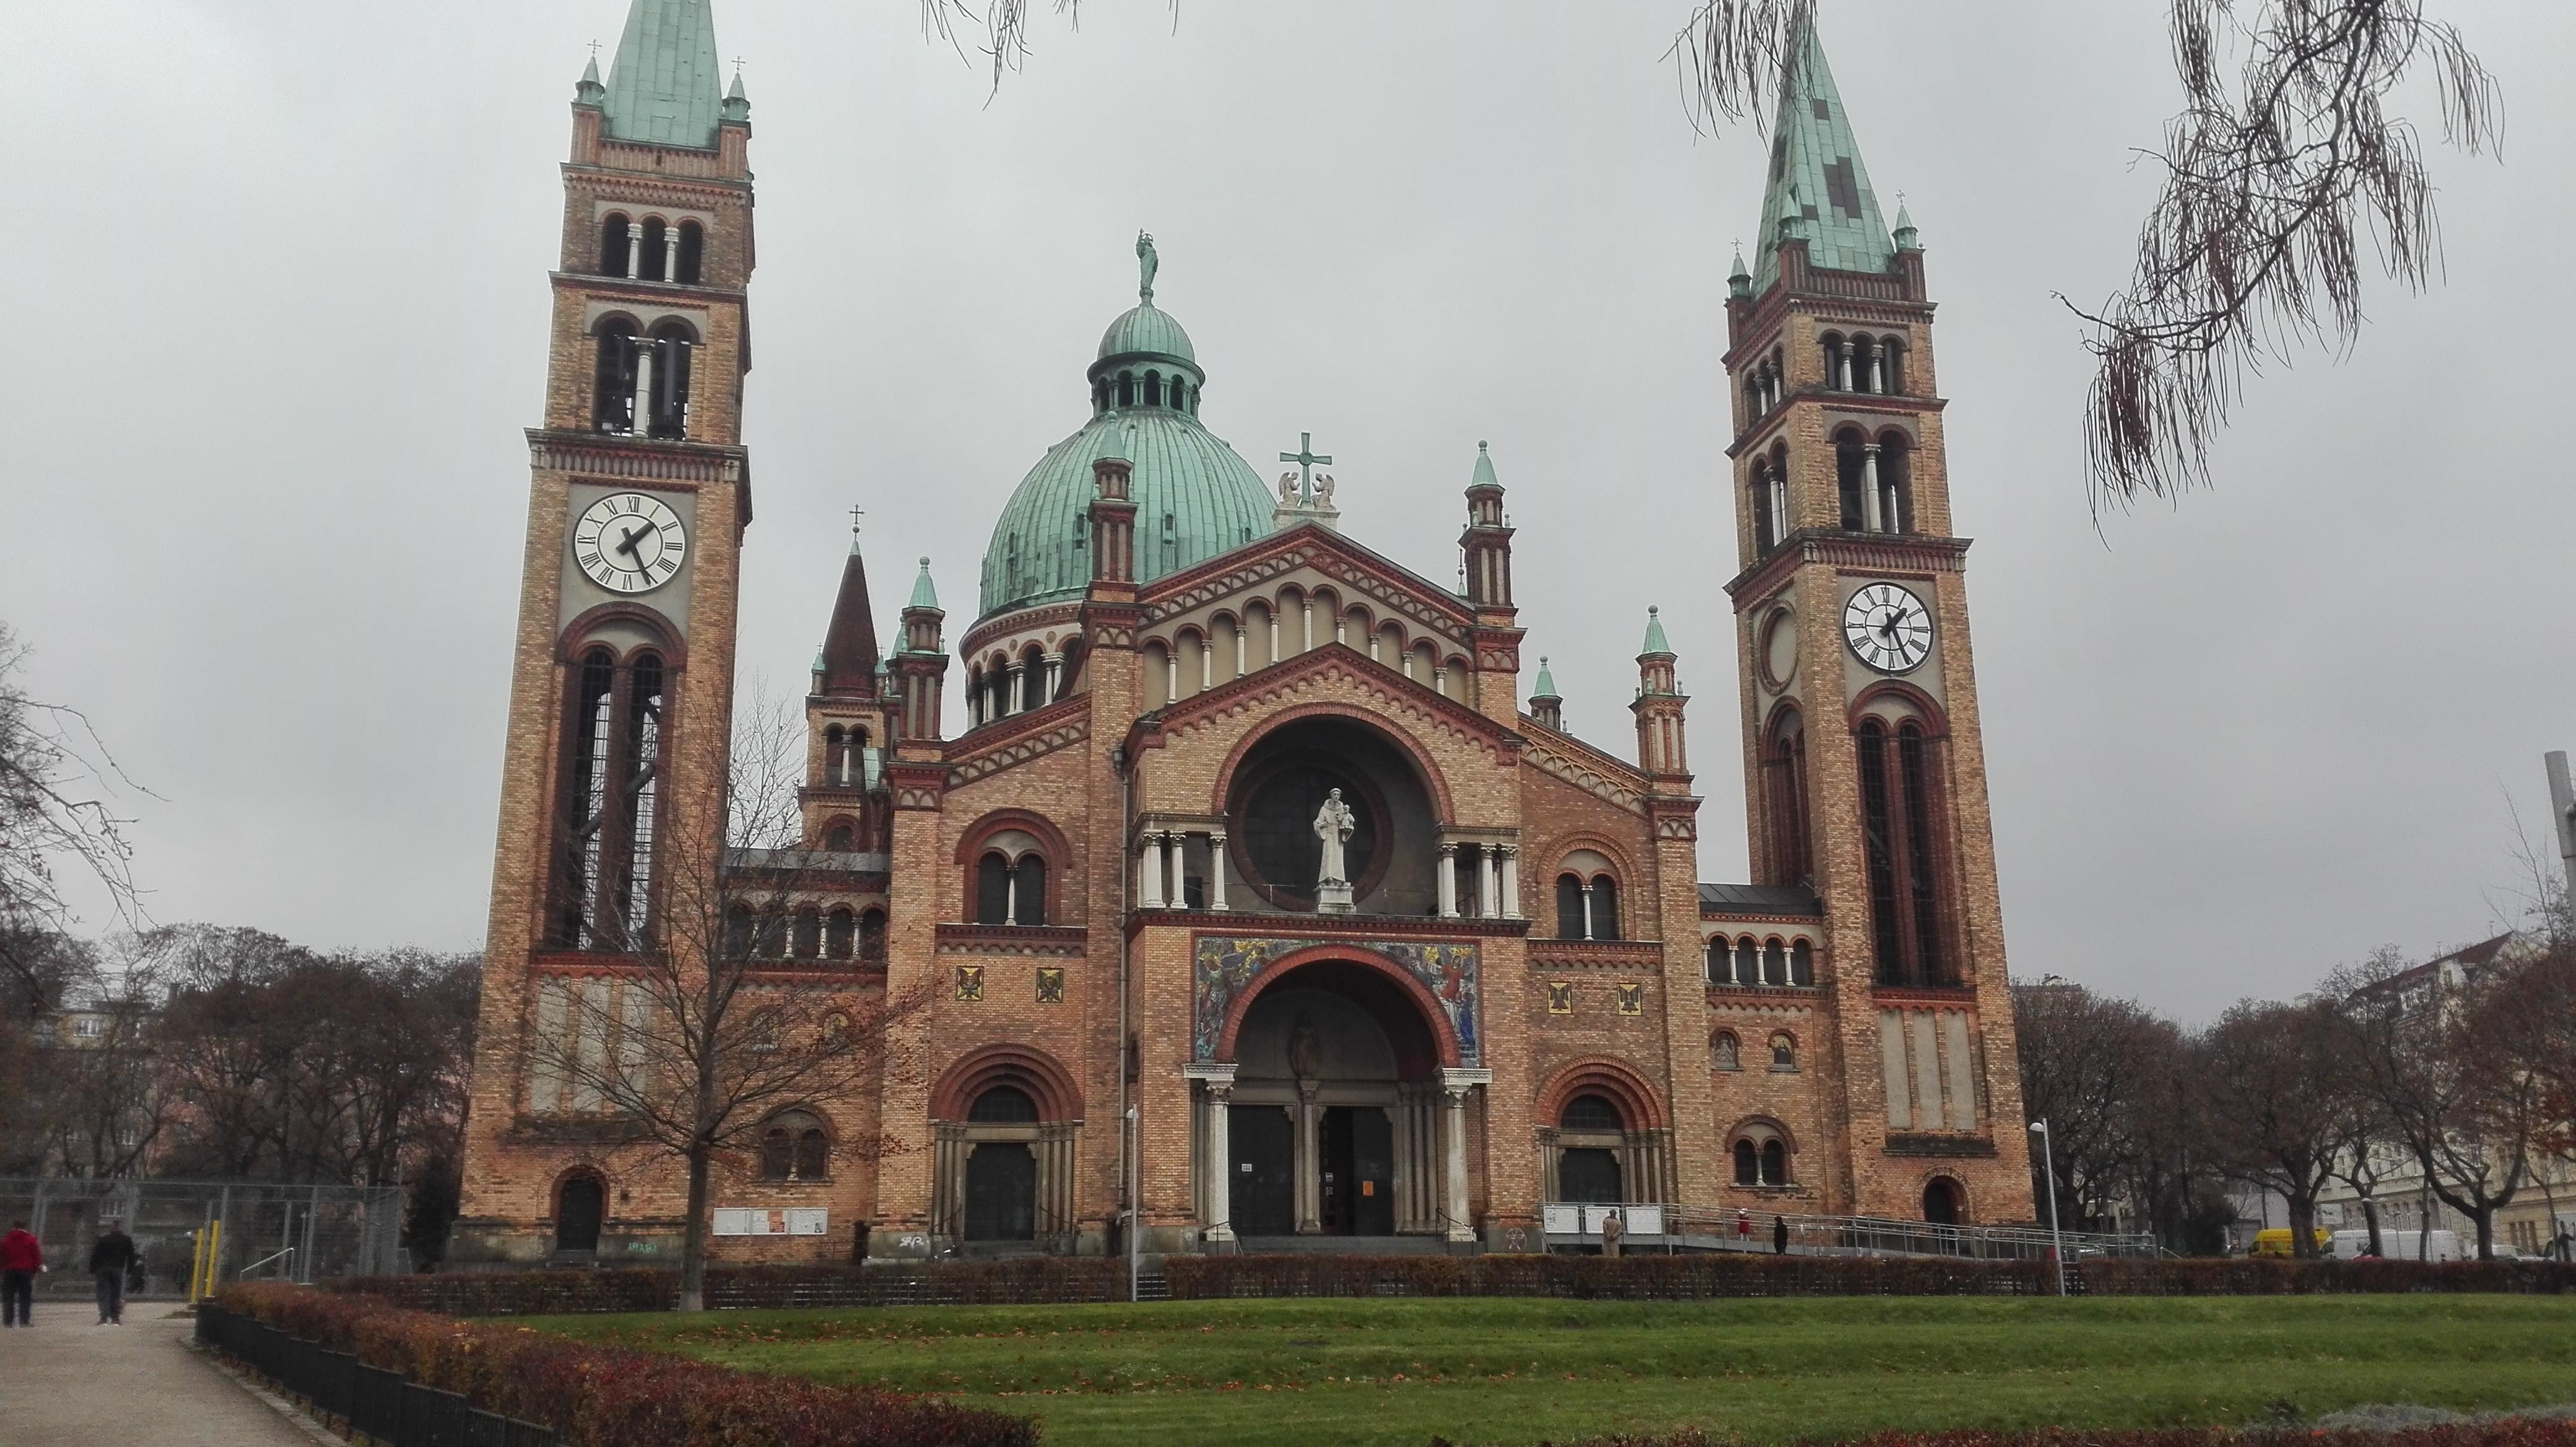 Kirche St. Anton von Padua; Image Credit: Johana Cernochova